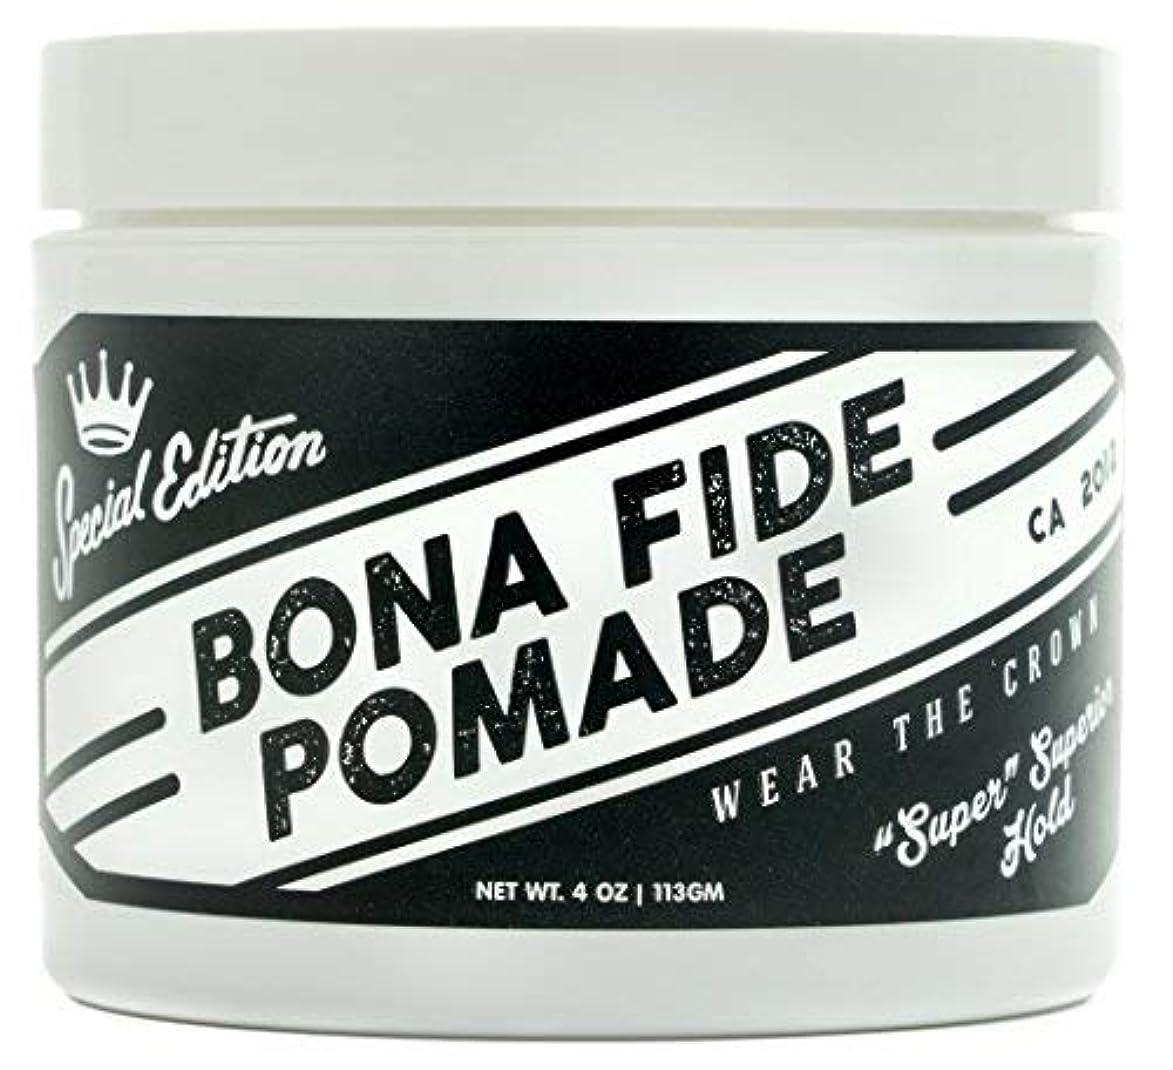 送金想像力締め切りBona Fide Pomade, スーパースーペリアホールドSE, 4OZ (113g)、水性ポマード/ヘアー グリース (整髪料)